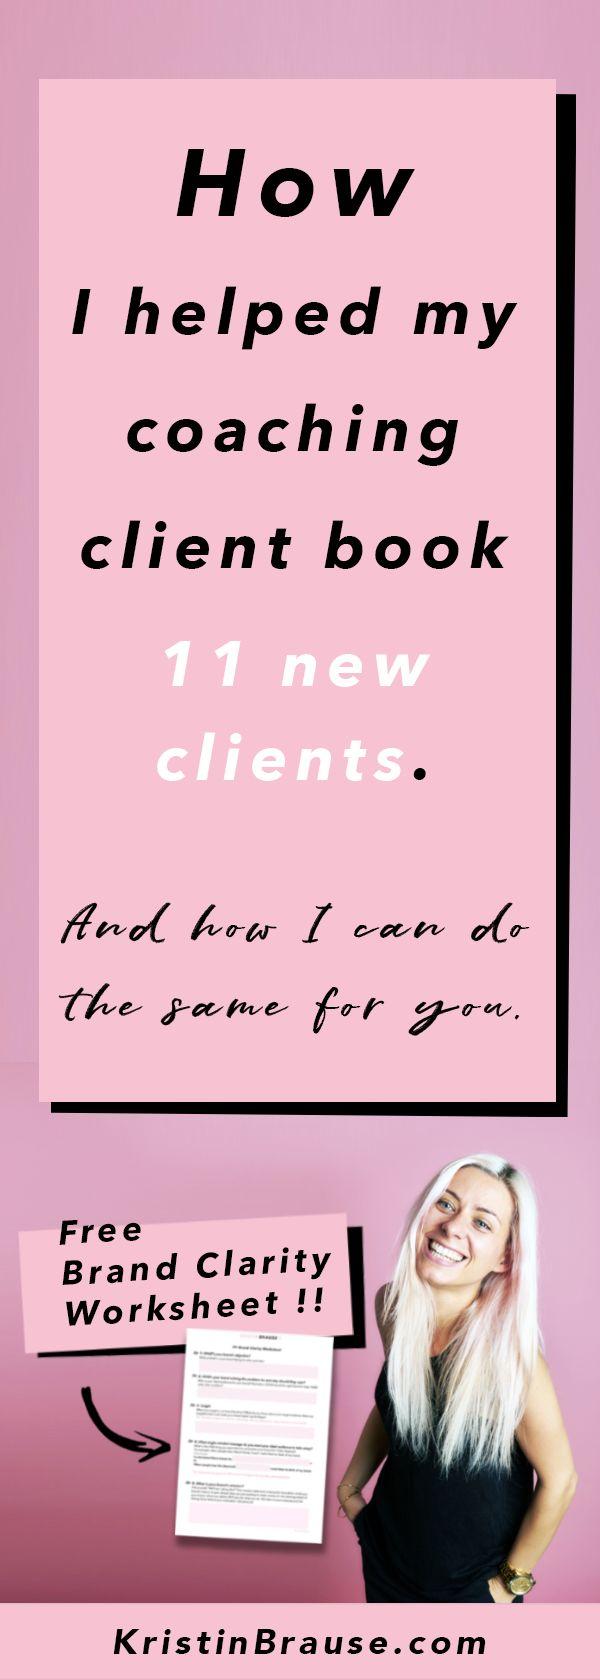 44 besten Kristin Brause - Business Clarity + Marketing Coach Bilder ...